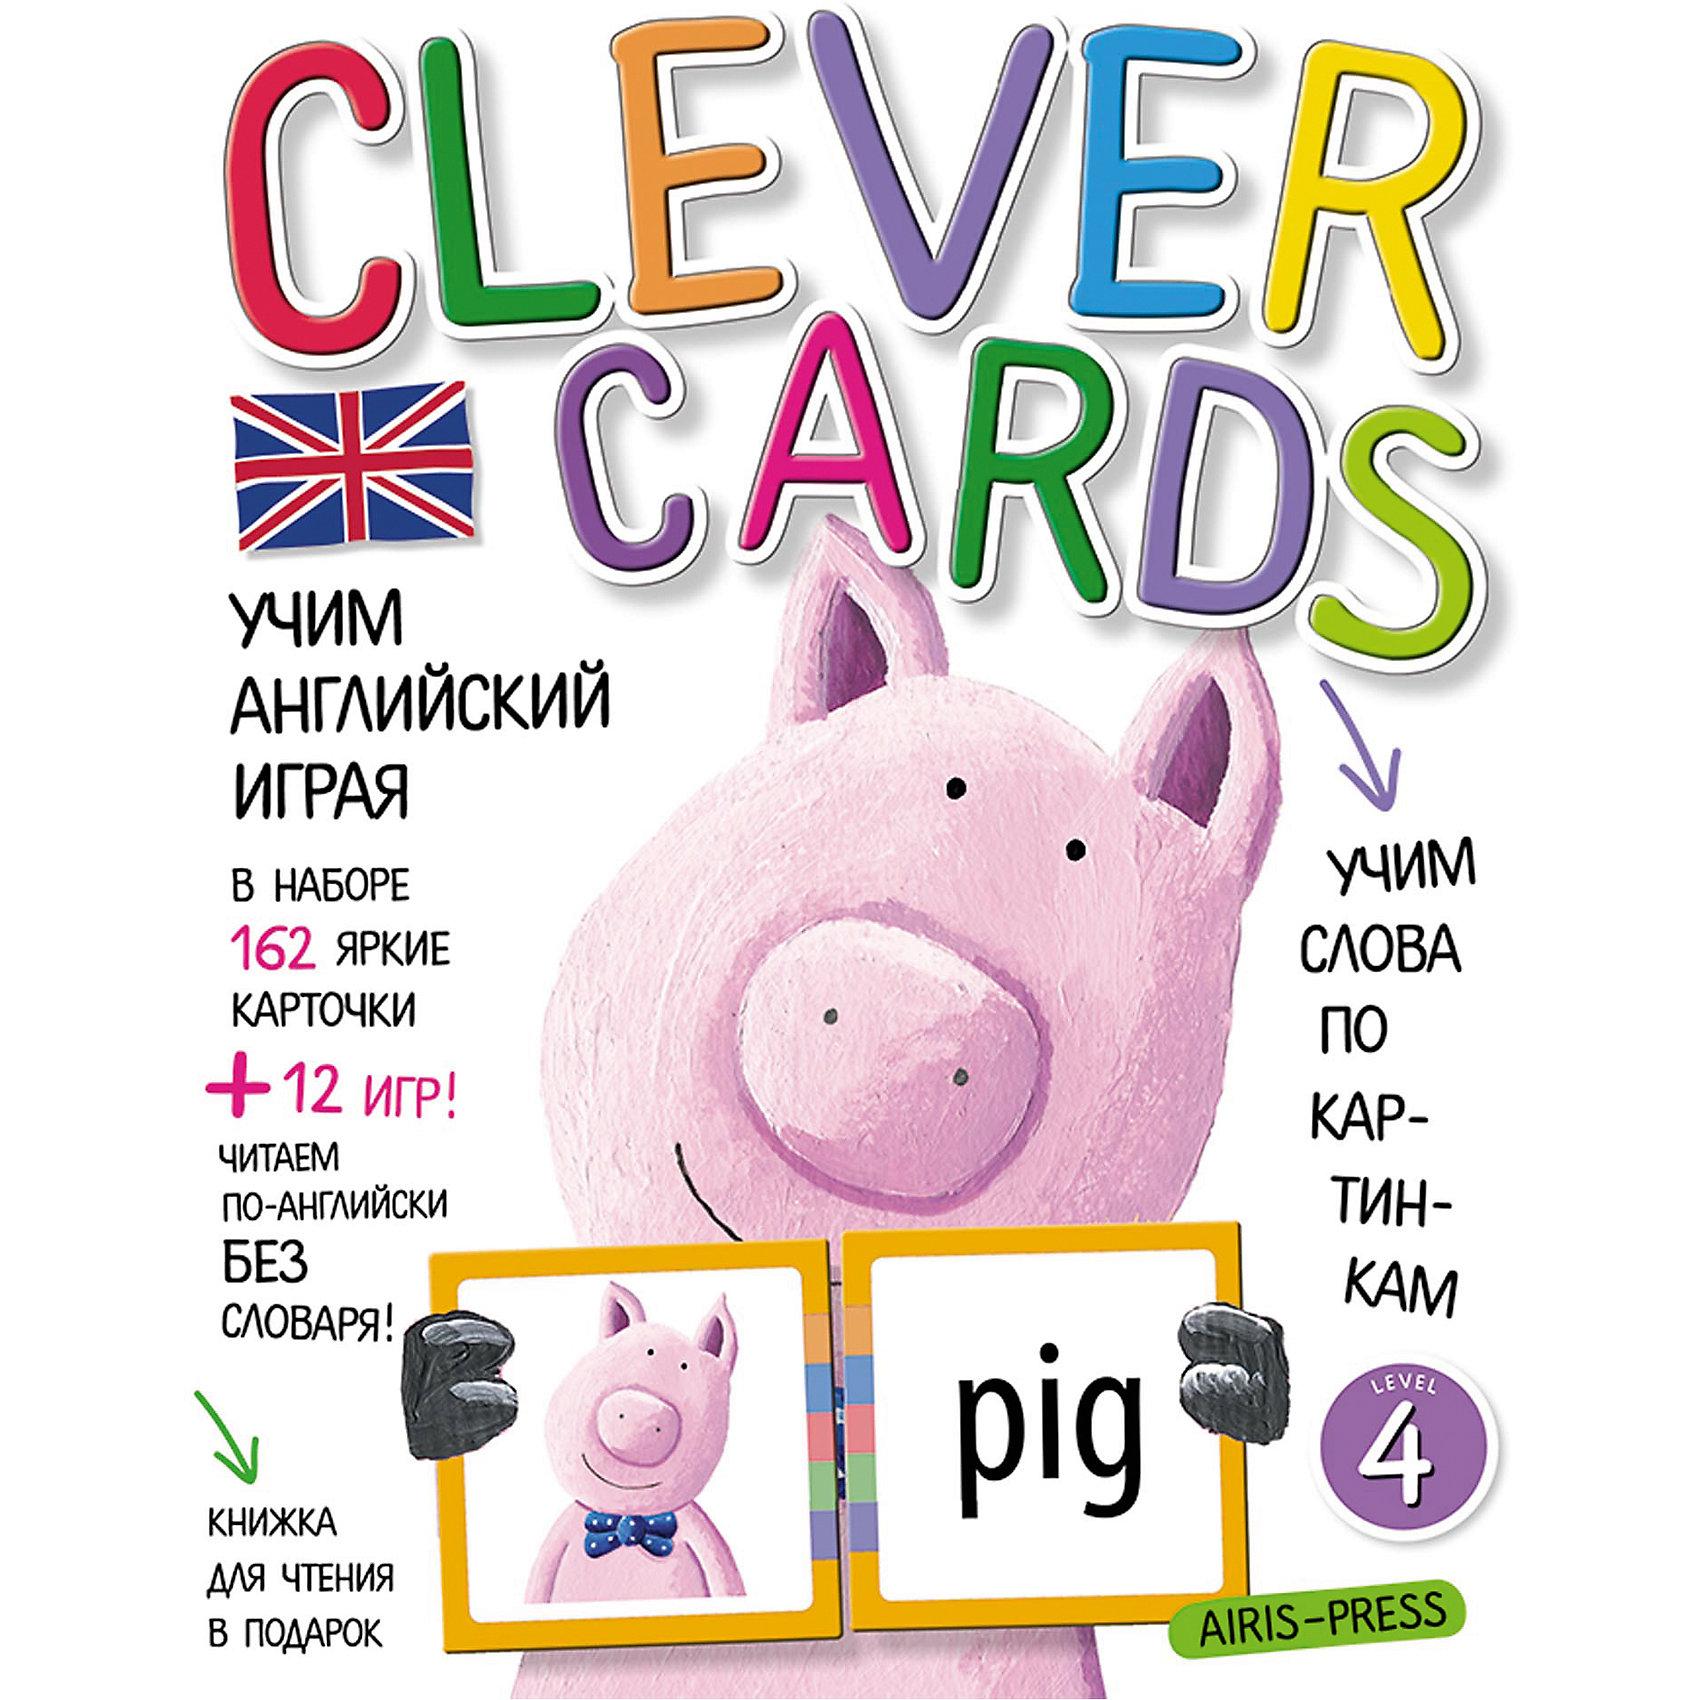 """Учим английский играя, уровень 4Иностранный язык<br>Набор игровых карточек """"Clever Cards. Level 4"""" поможет детям быстро и незаметно для себя освоить значительную часть лексики начальной школы. А еще даст возможность читать английские тексты без словаря! Кроме того, в наборе вы найдёте сборник с методическими рекомендациями, который поможет вам правильно организовать обучающие игры. Книжку со сказкой """"The Nutcracker"""" мы вам дарим! Попробуйте прочитать её, не пользуясь словарем в конце книжки.<br><br>Ширина мм: 15<br>Глубина мм: 170<br>Высота мм: 220<br>Вес г: 270<br>Возраст от месяцев: -2147483648<br>Возраст до месяцев: 2147483647<br>Пол: Унисекс<br>Возраст: Детский<br>SKU: 6849555"""